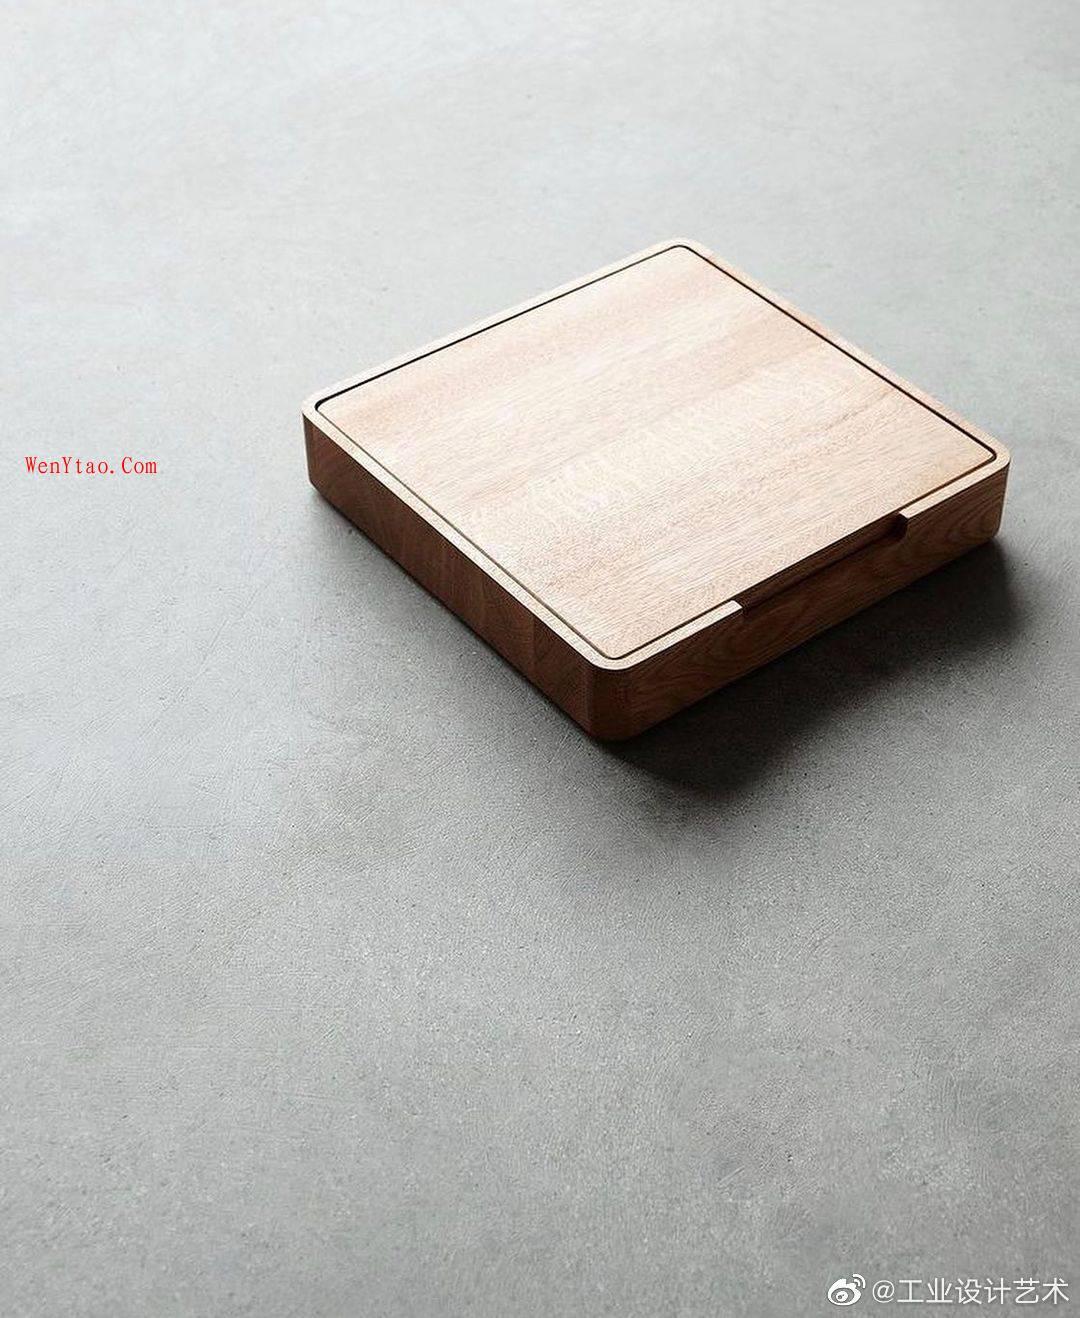 棋 来源于 微博工业设计艺术 第1张